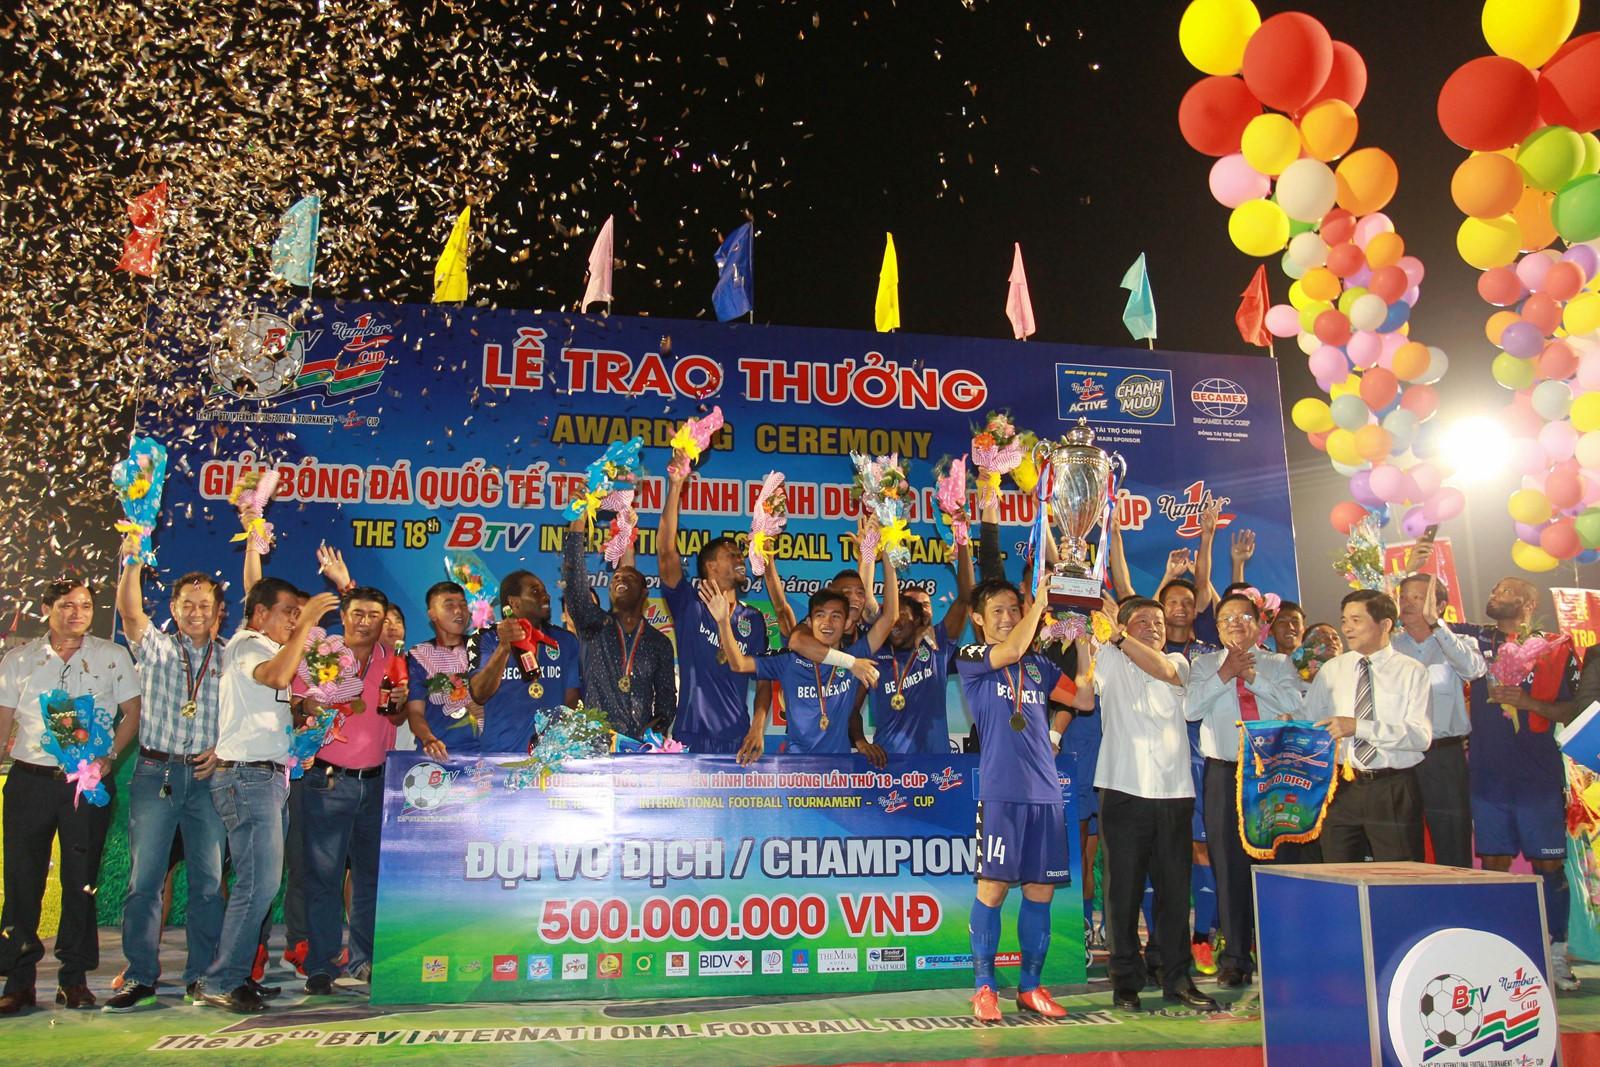 B.Bình Dương đoạt chức vô địch BTV Cup sau 5 năm chờ đợi. Ảnh: Thanh niên